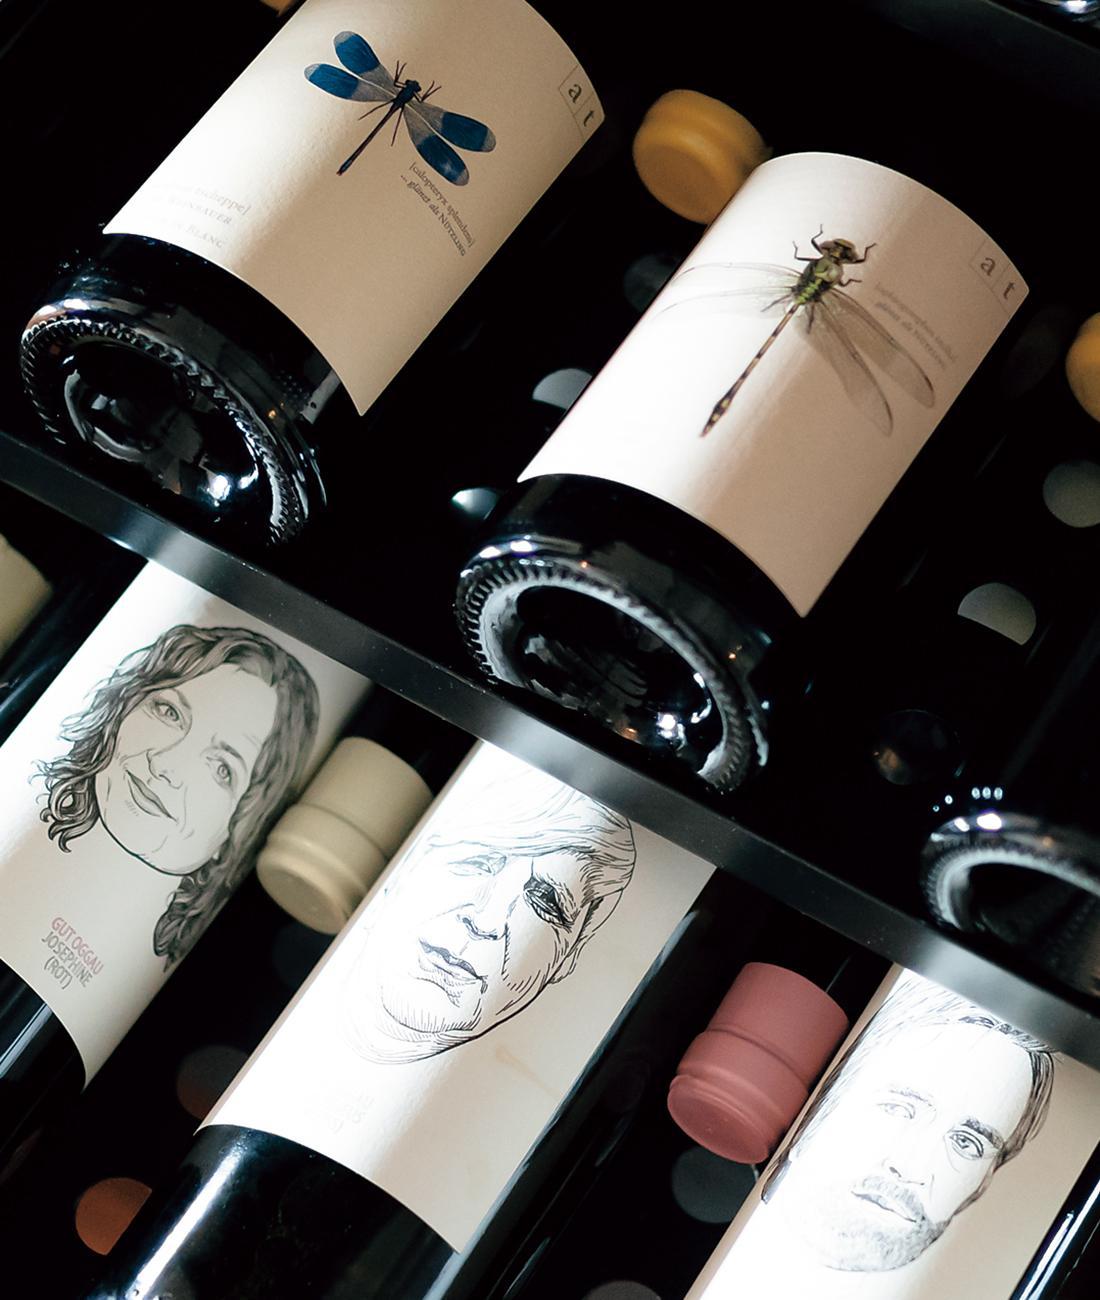 ナチュラルワイン専門セラー